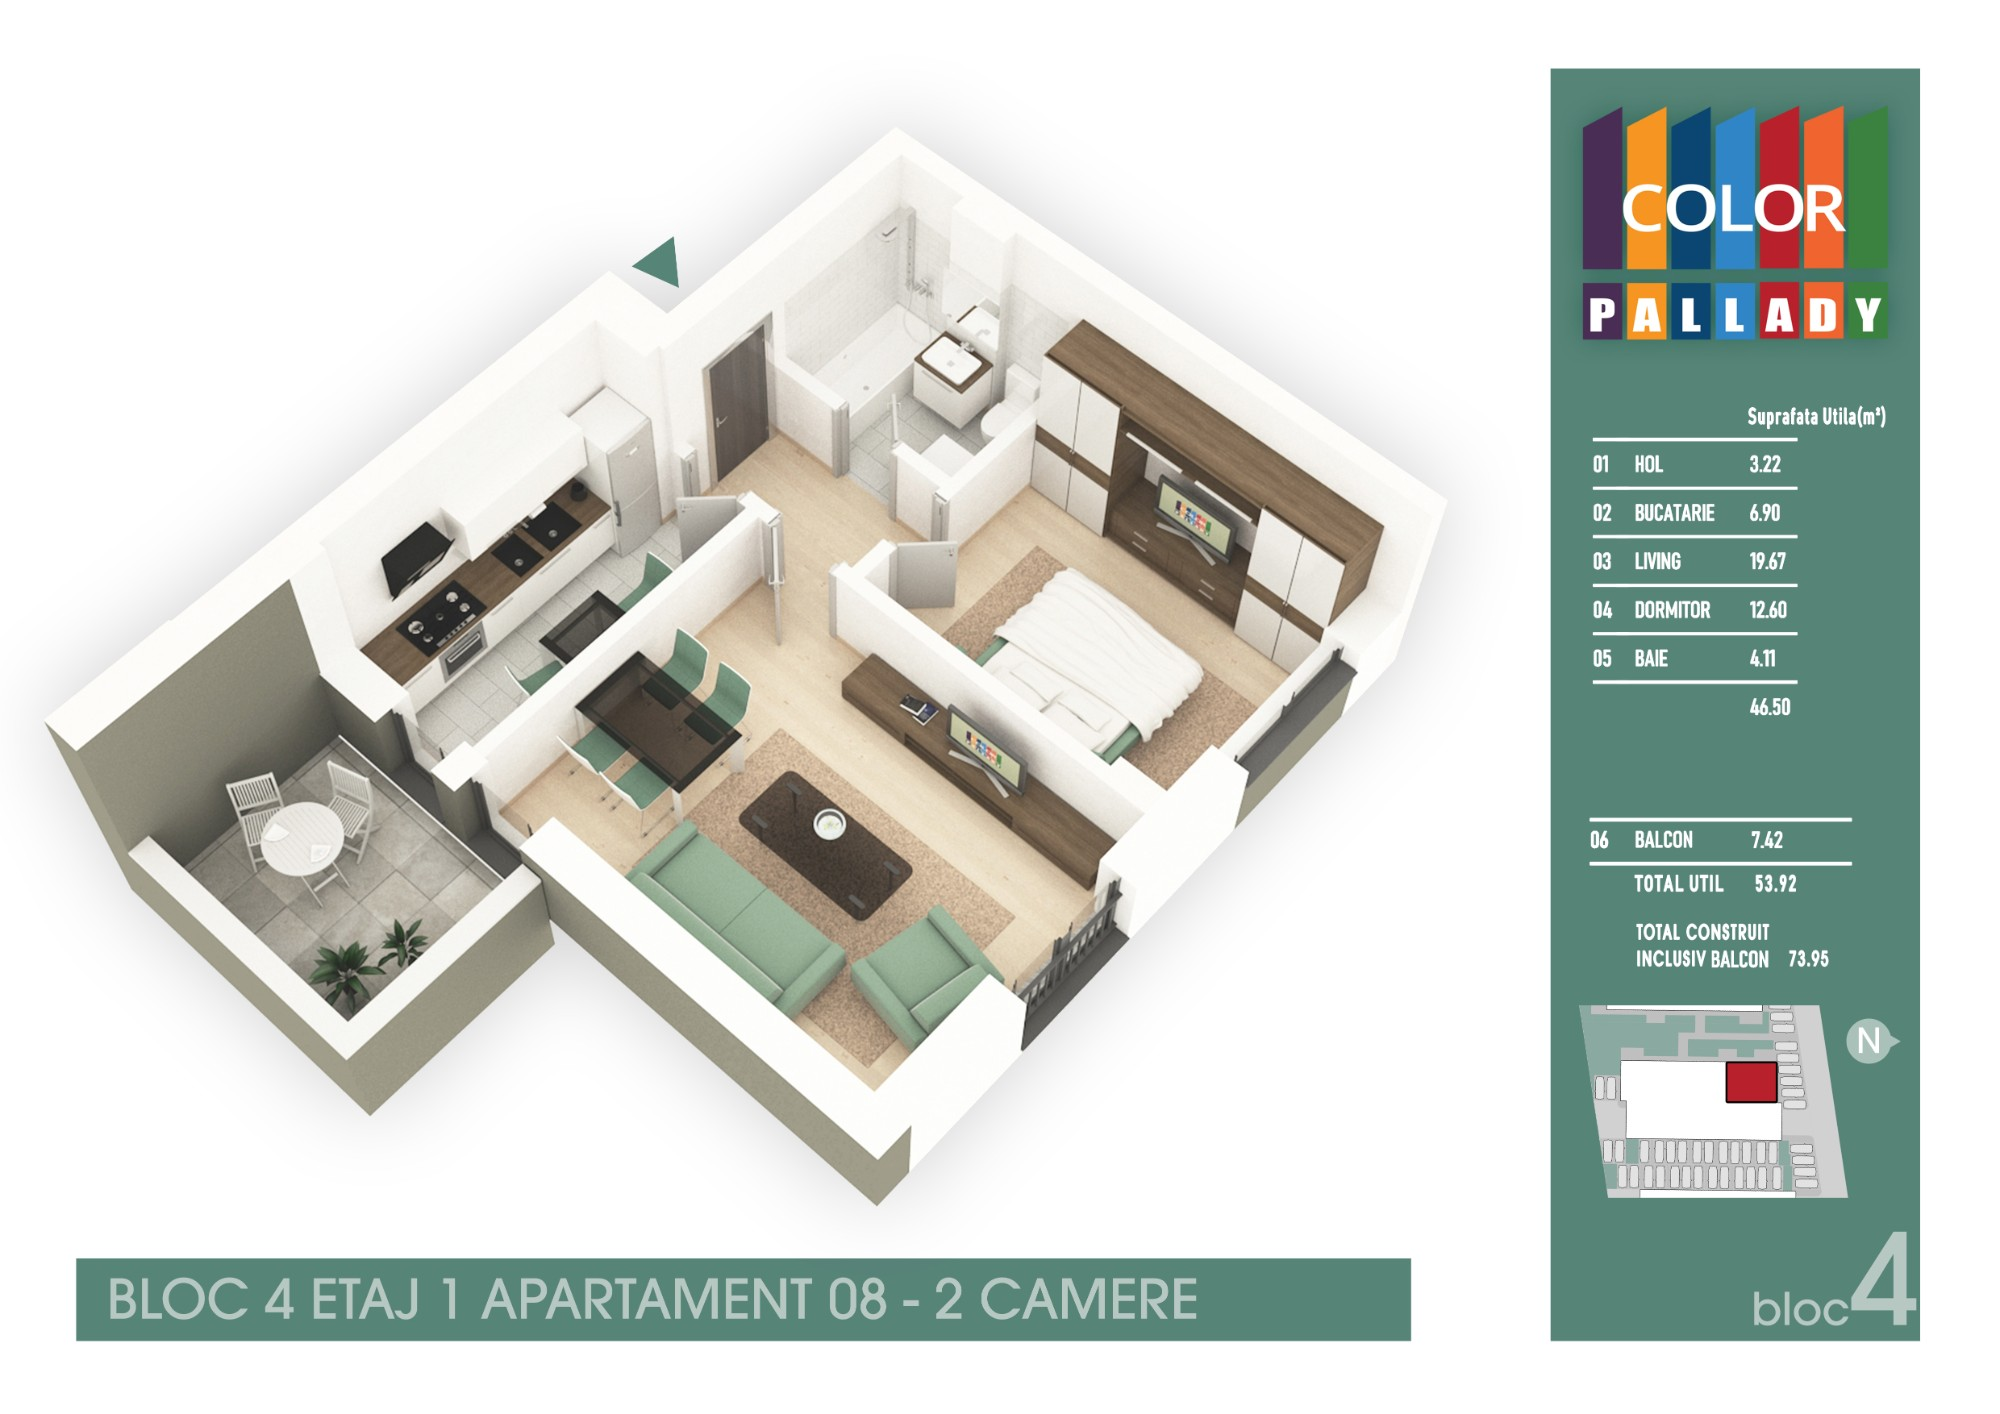 Bloc 4 - Etaj 1 - Apartament 08